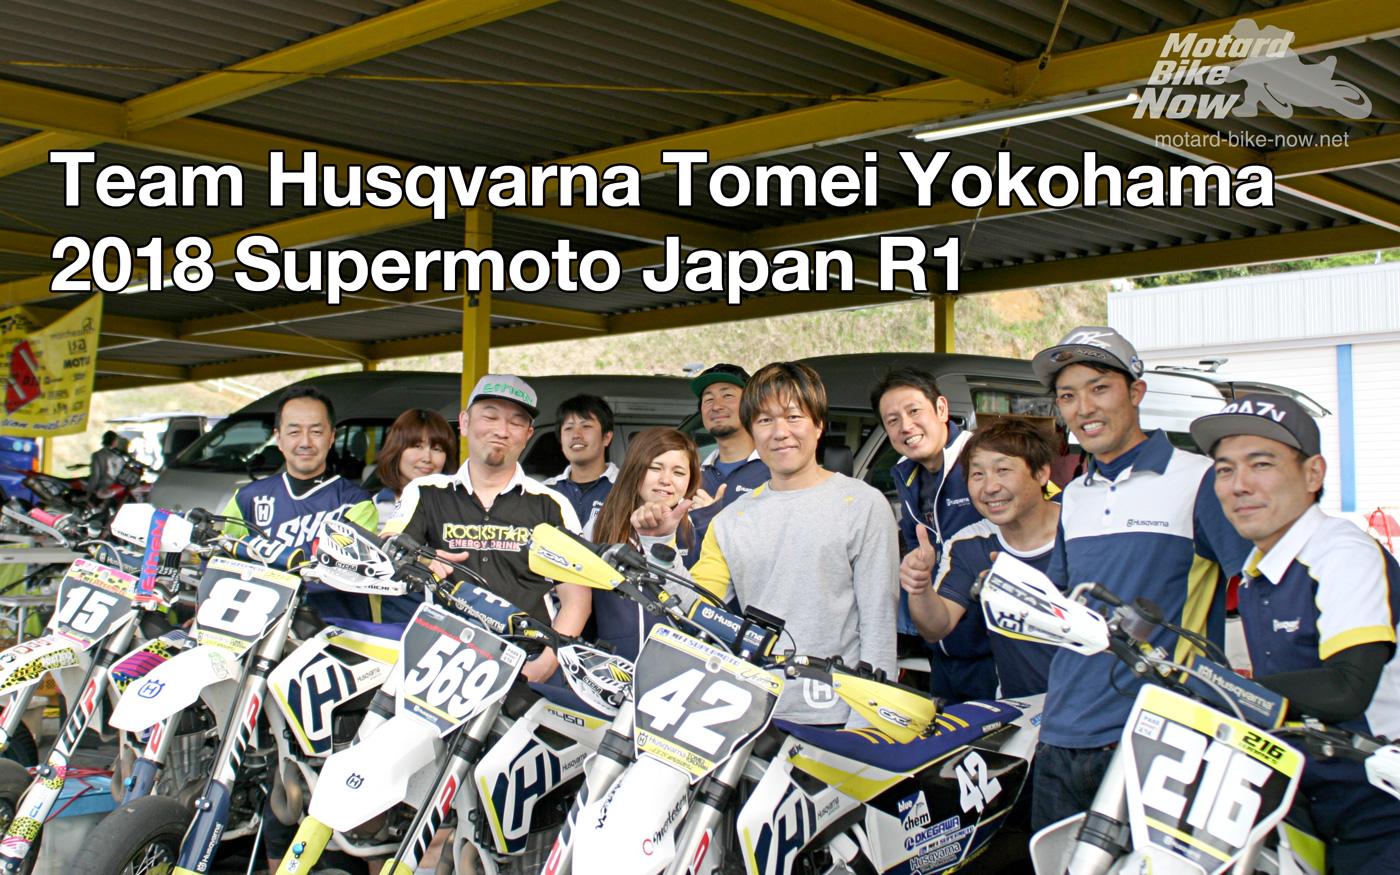 ハスクバーナ東名横浜 チーム写真 2018SMJ R1 茂原ツインサーキット